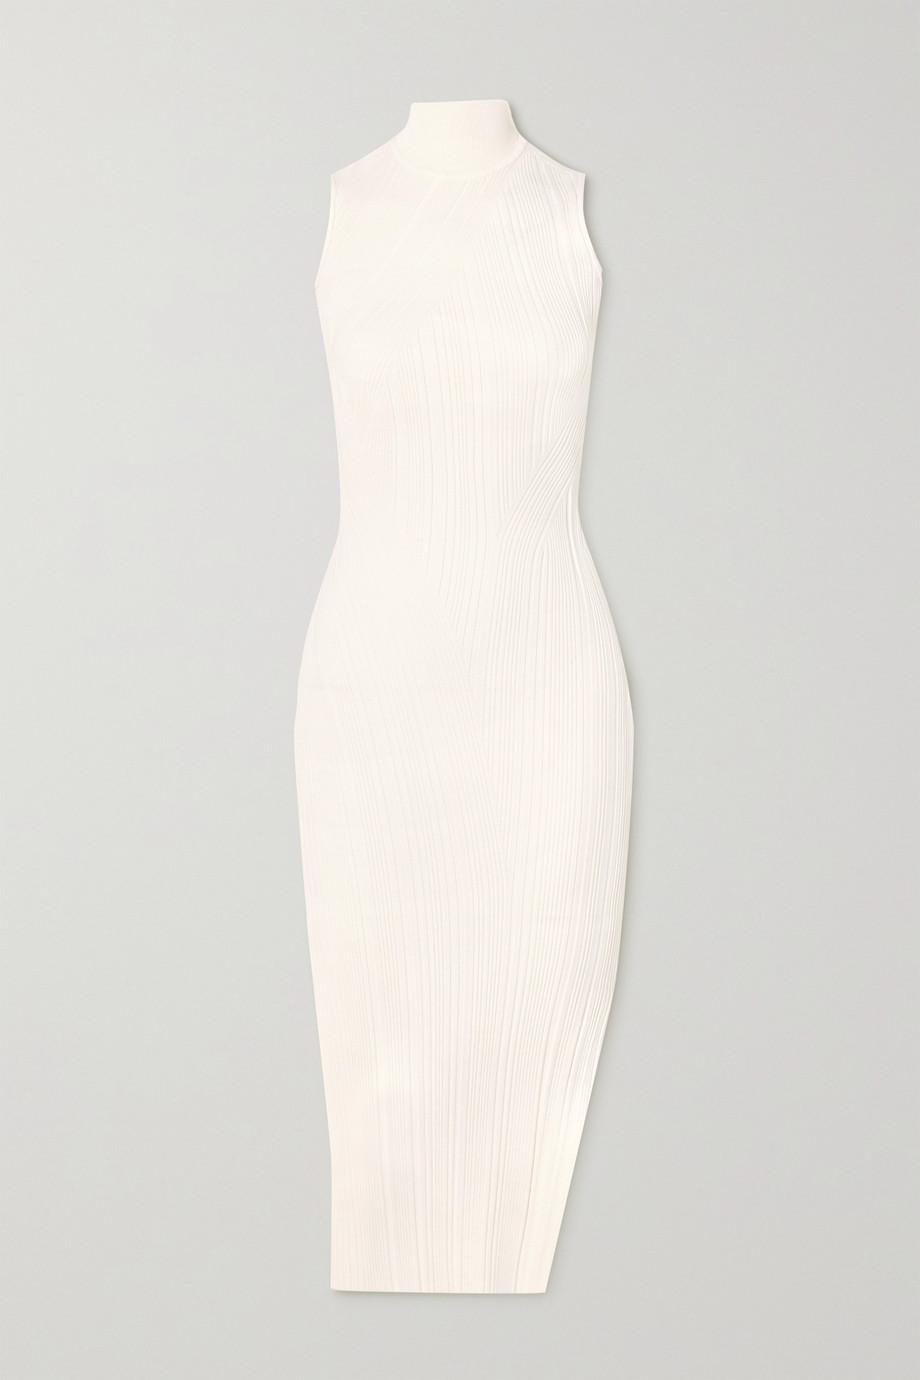 Hervé Léger Ribbed-knit turtleneck midi dress